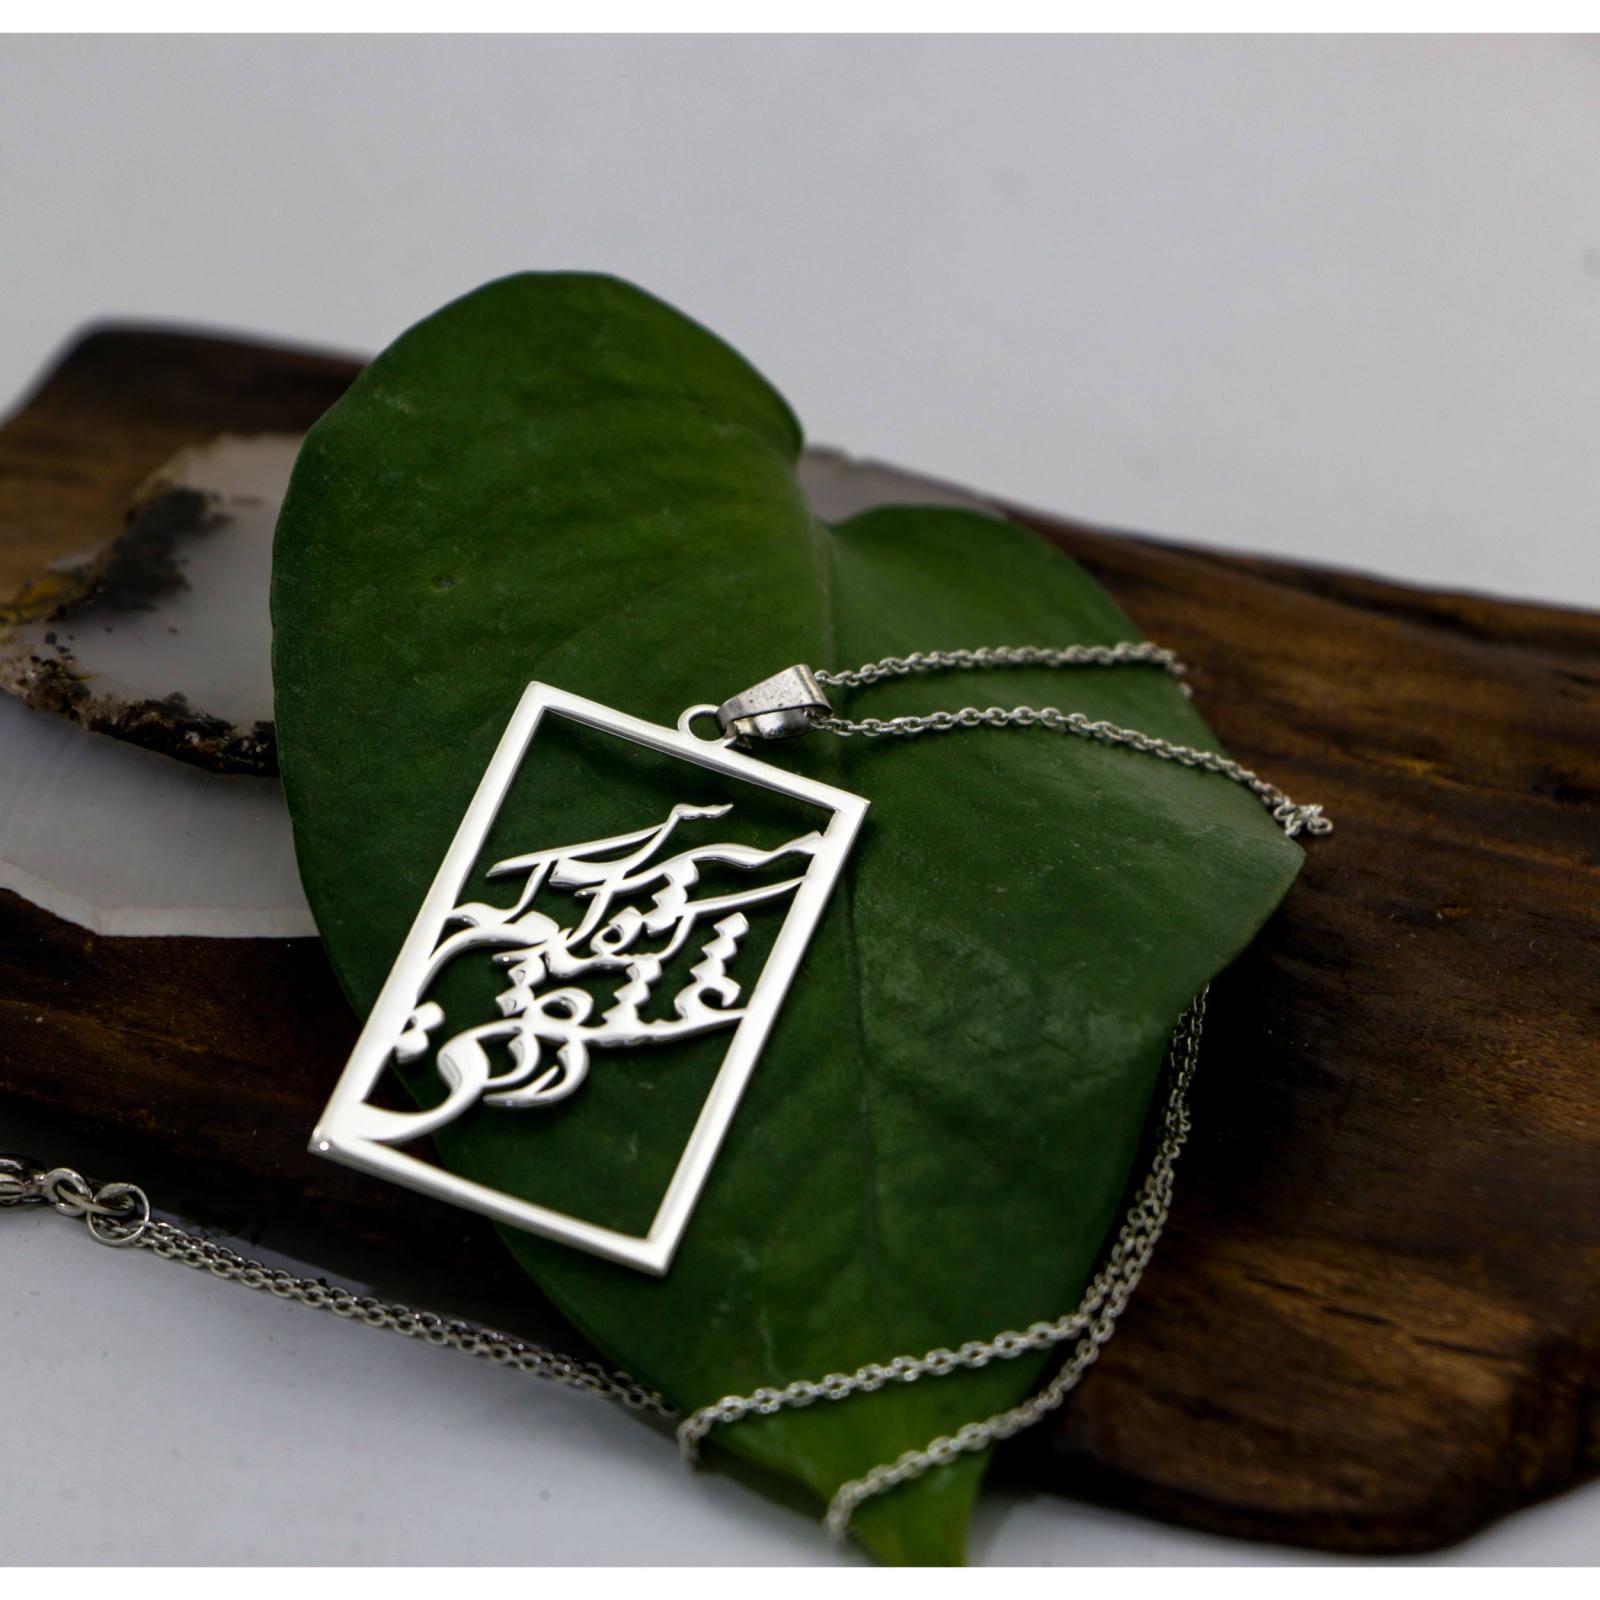 گردنبند نقره دلی جم طرح درد عشقی کشیده ام که مپرس کد D 78 -  - 3